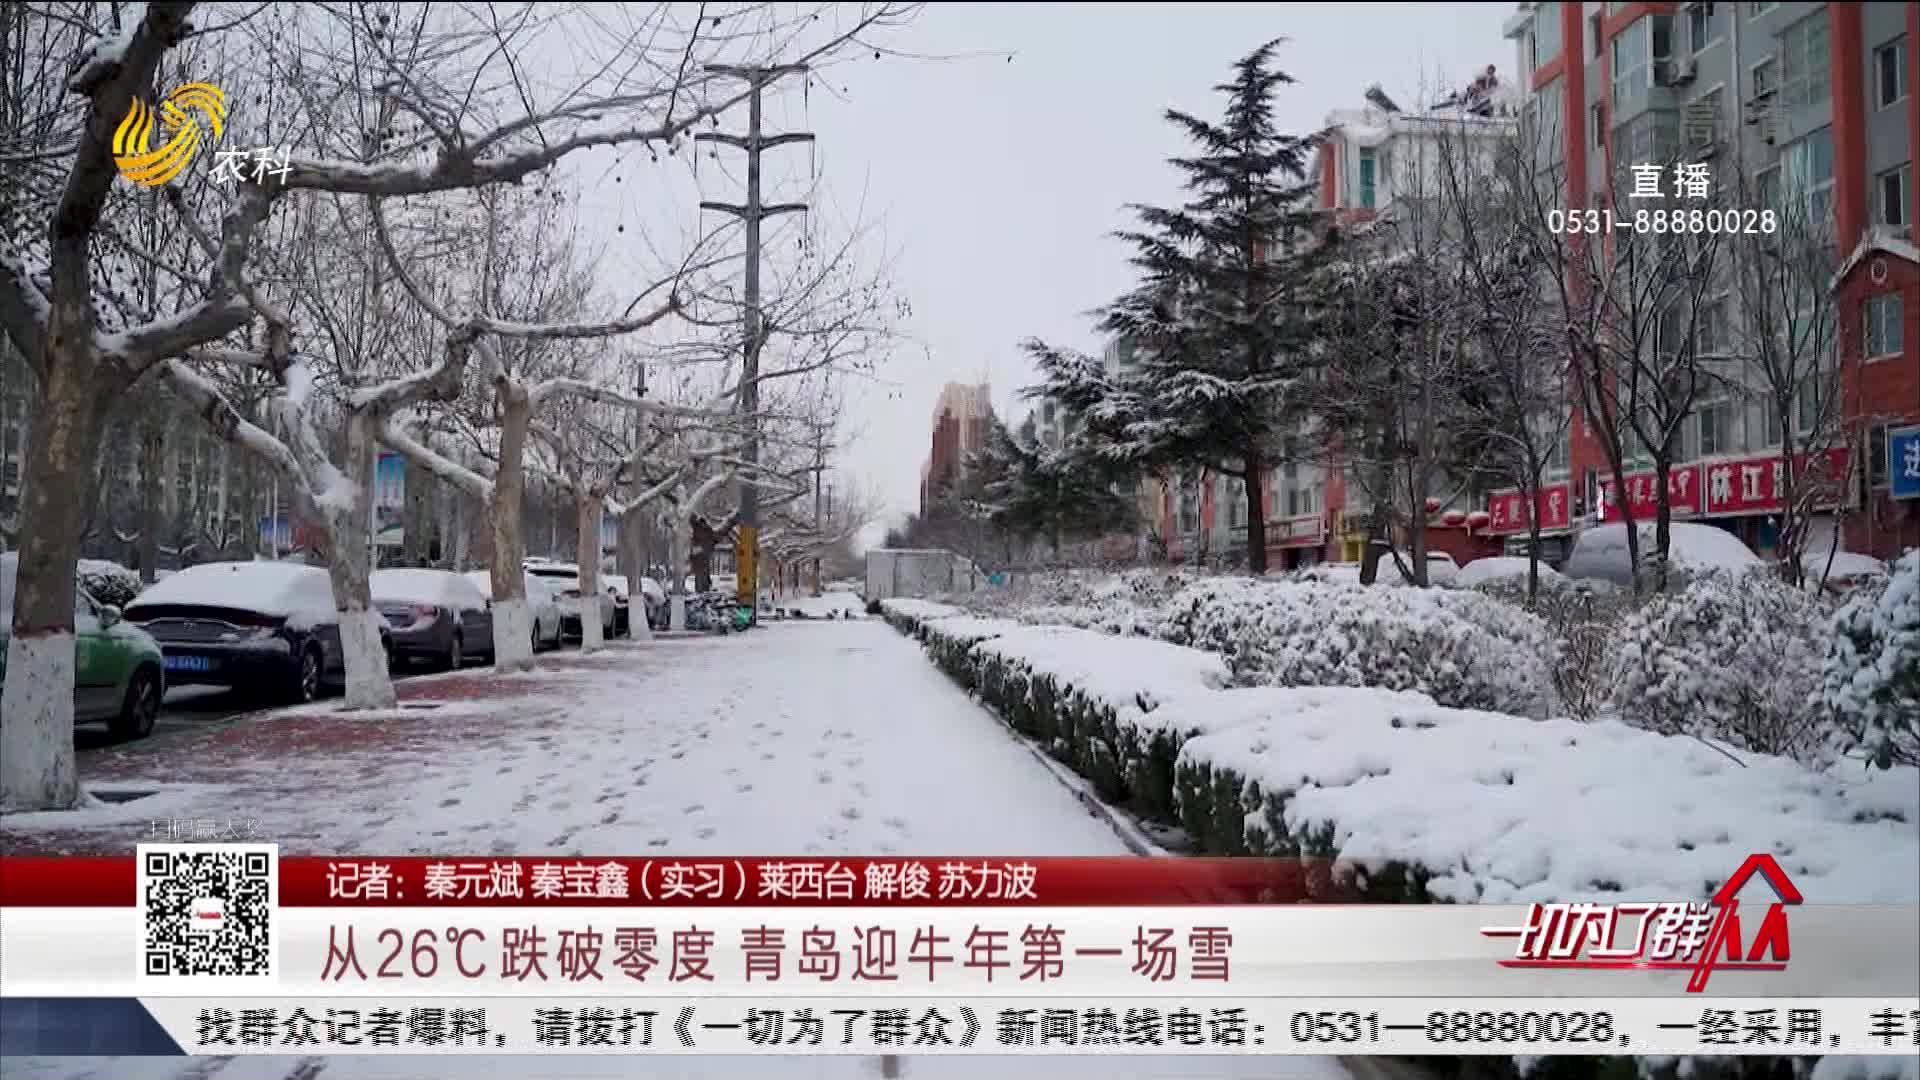 从26℃跌破零度 青岛迎牛年第一场雪